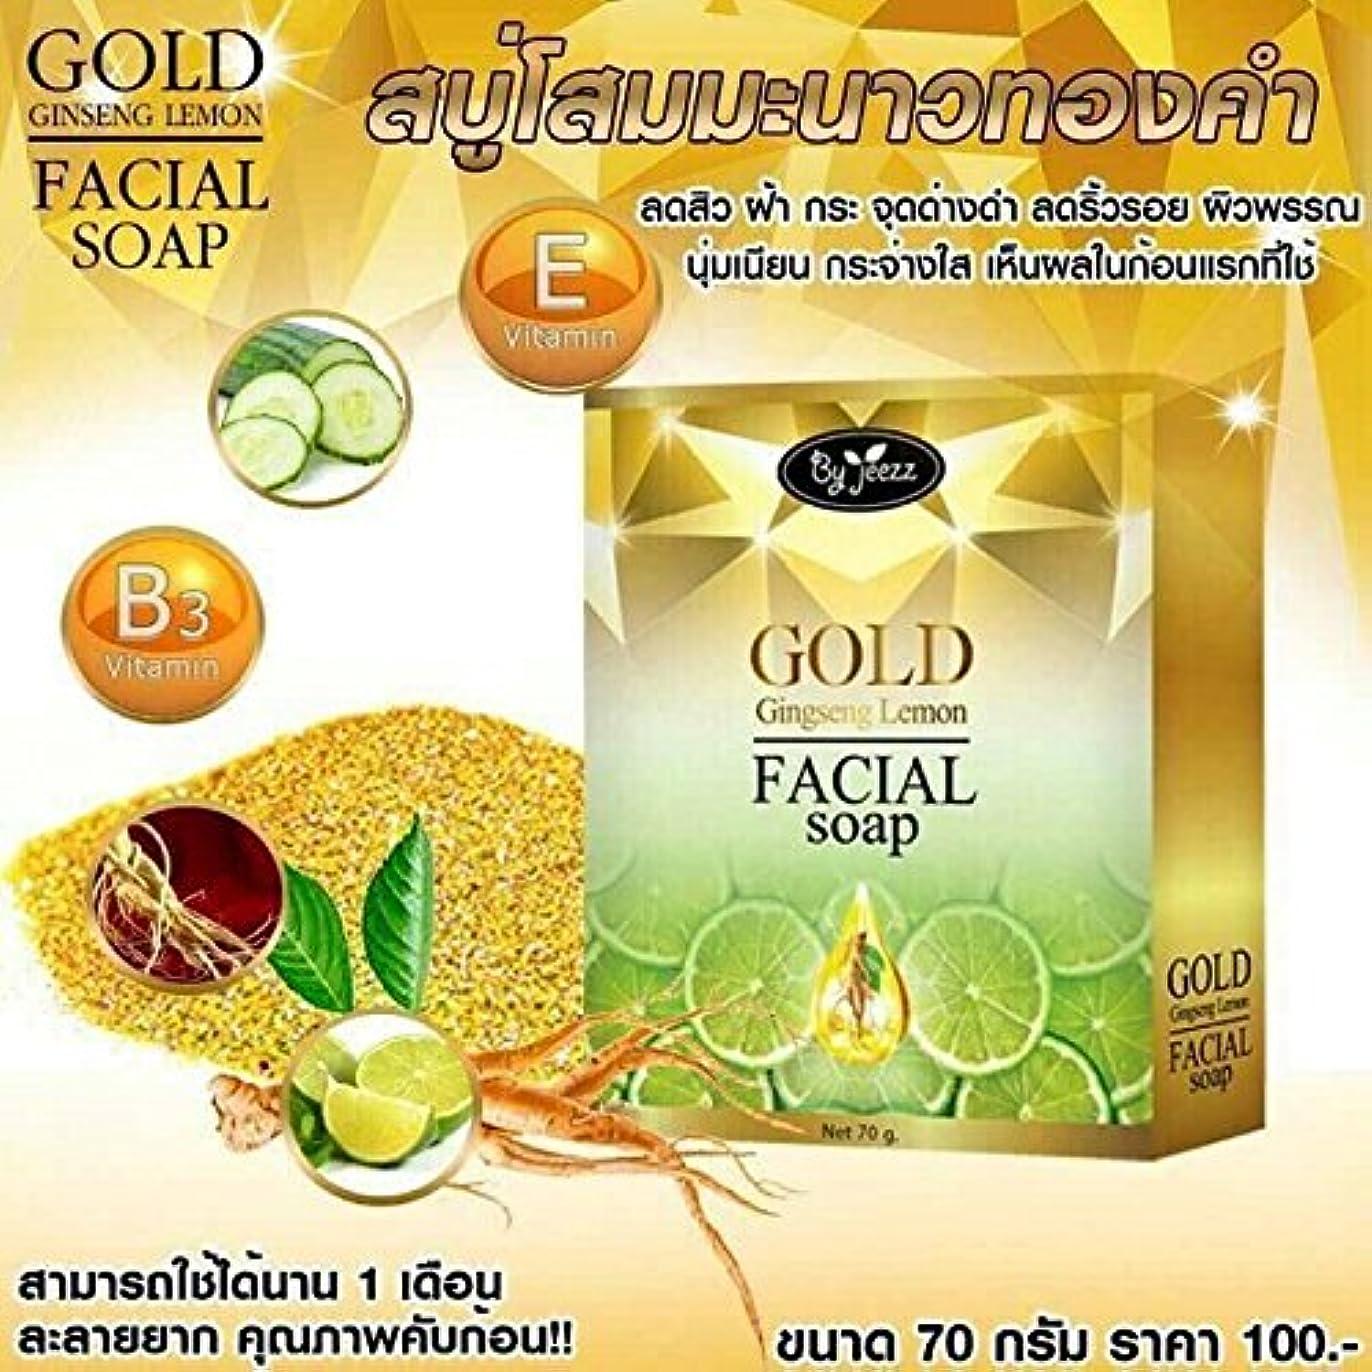 アシュリータファーマン特派員ひねくれた1 X Natural Herbal Whitening Soap. Ginseng Lemon Soap (Gold Ginseng Lemon Facial Soap by jeezz) 70 g. Free shipping